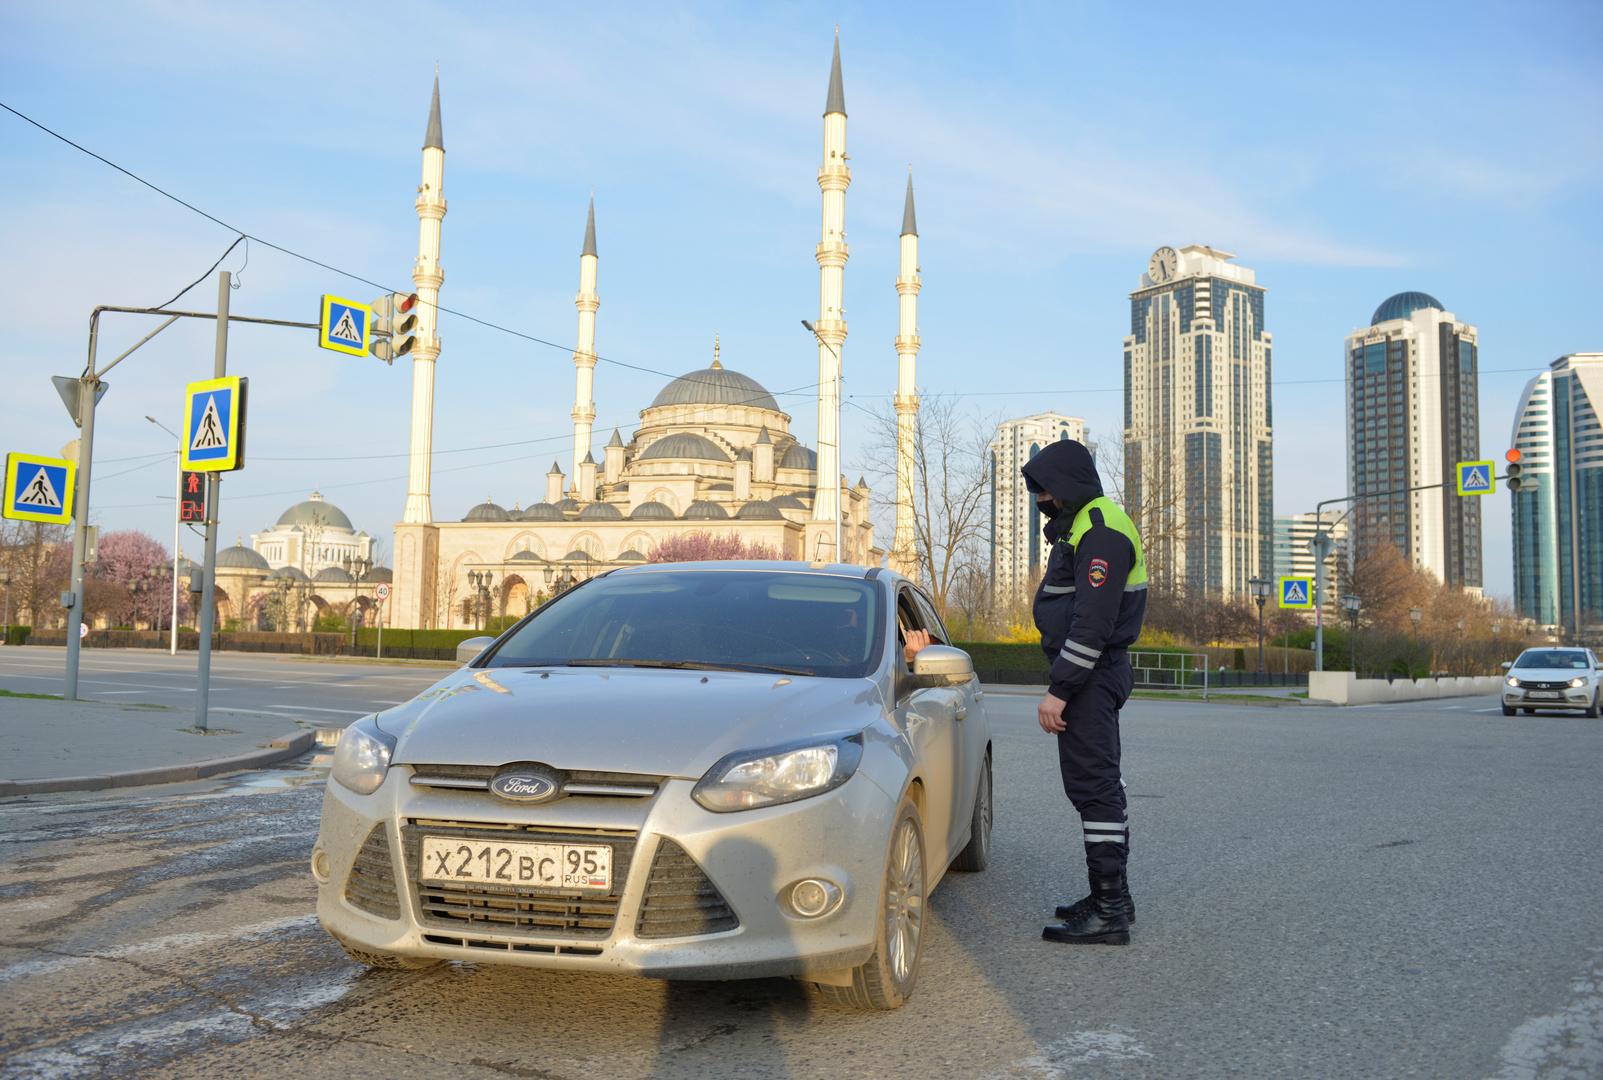 هجوم مسلح في العاصمة الشيشانية غروزني يسفر عن مقتل شرطيين وأحد المهاجمين